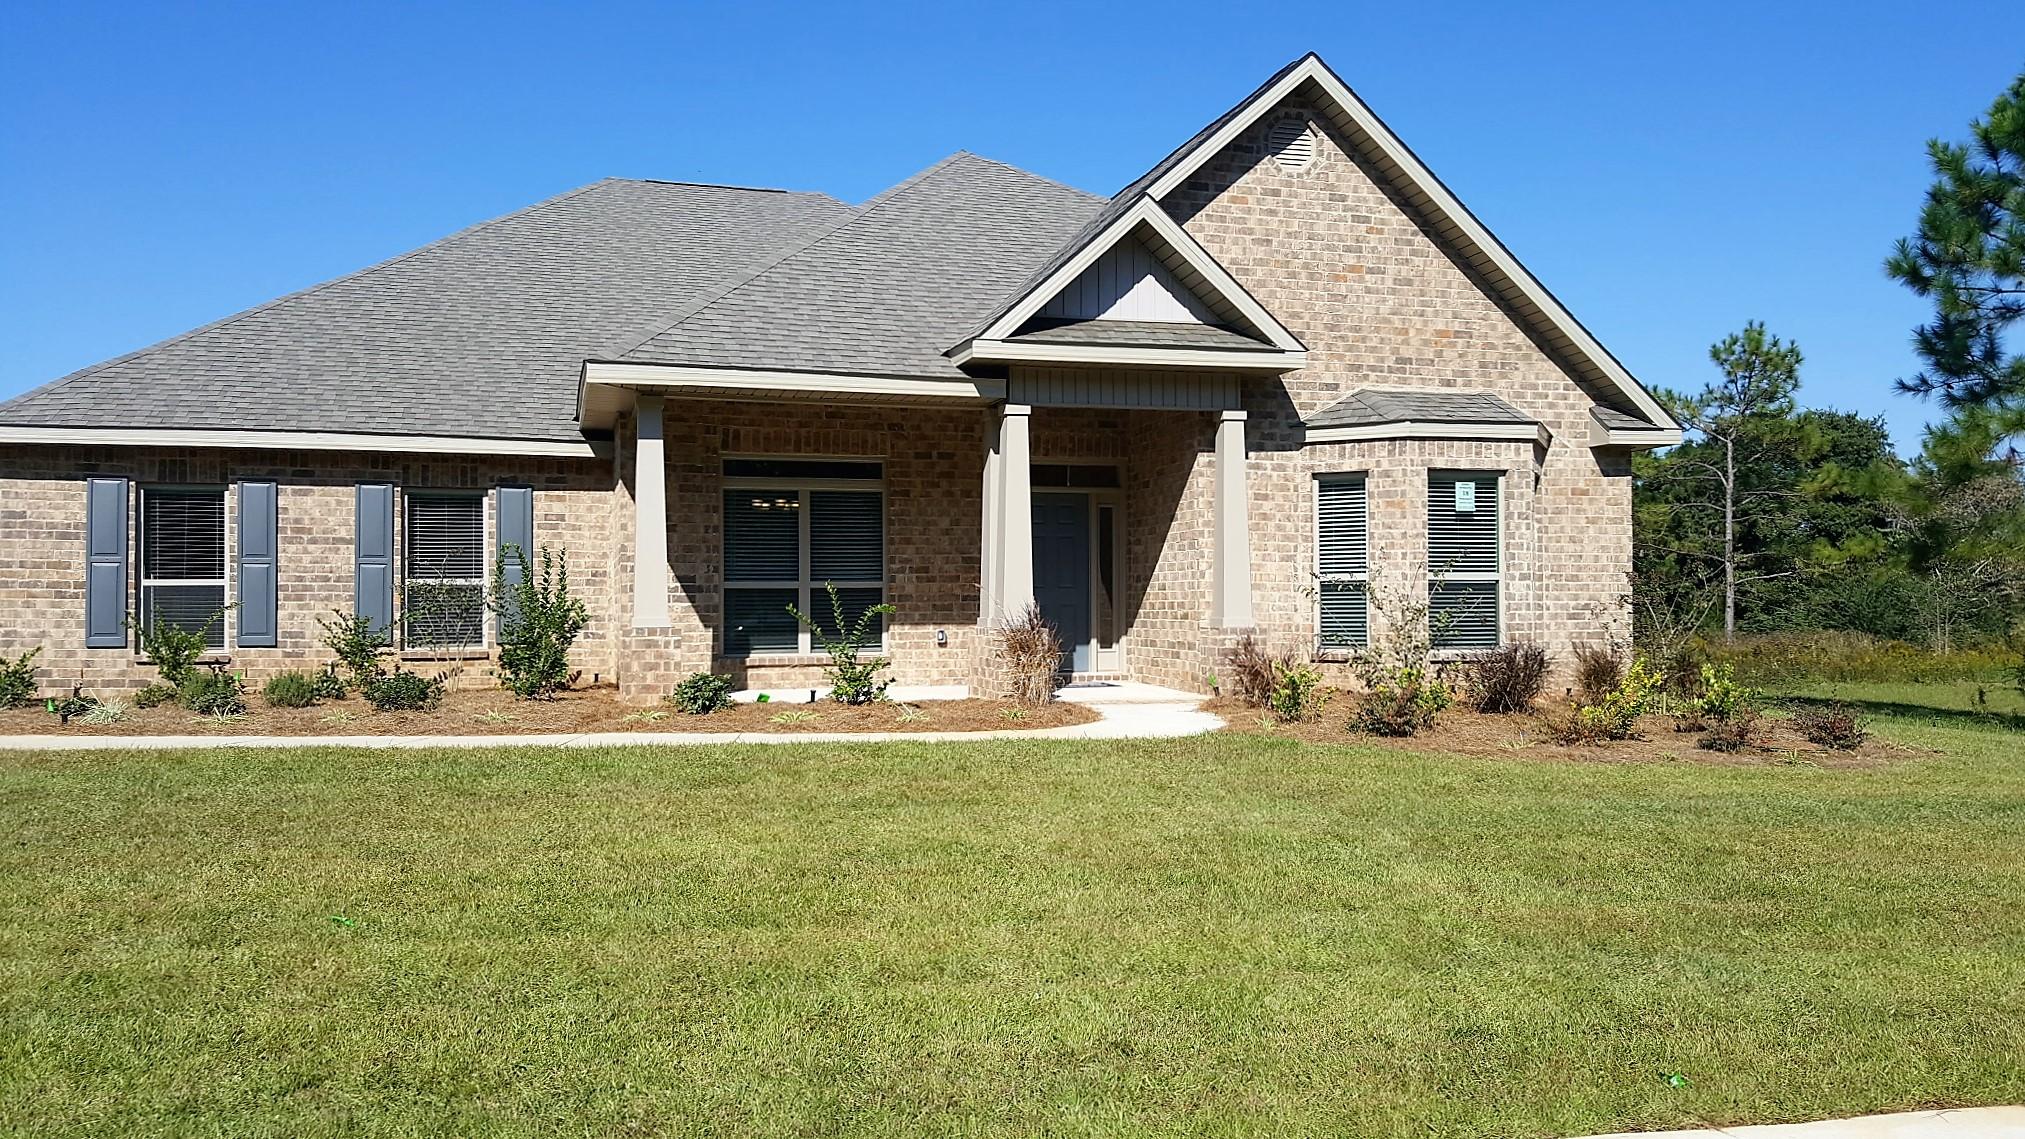 Alabama baldwin county stockton - Alabama Baldwin County Stockton 44